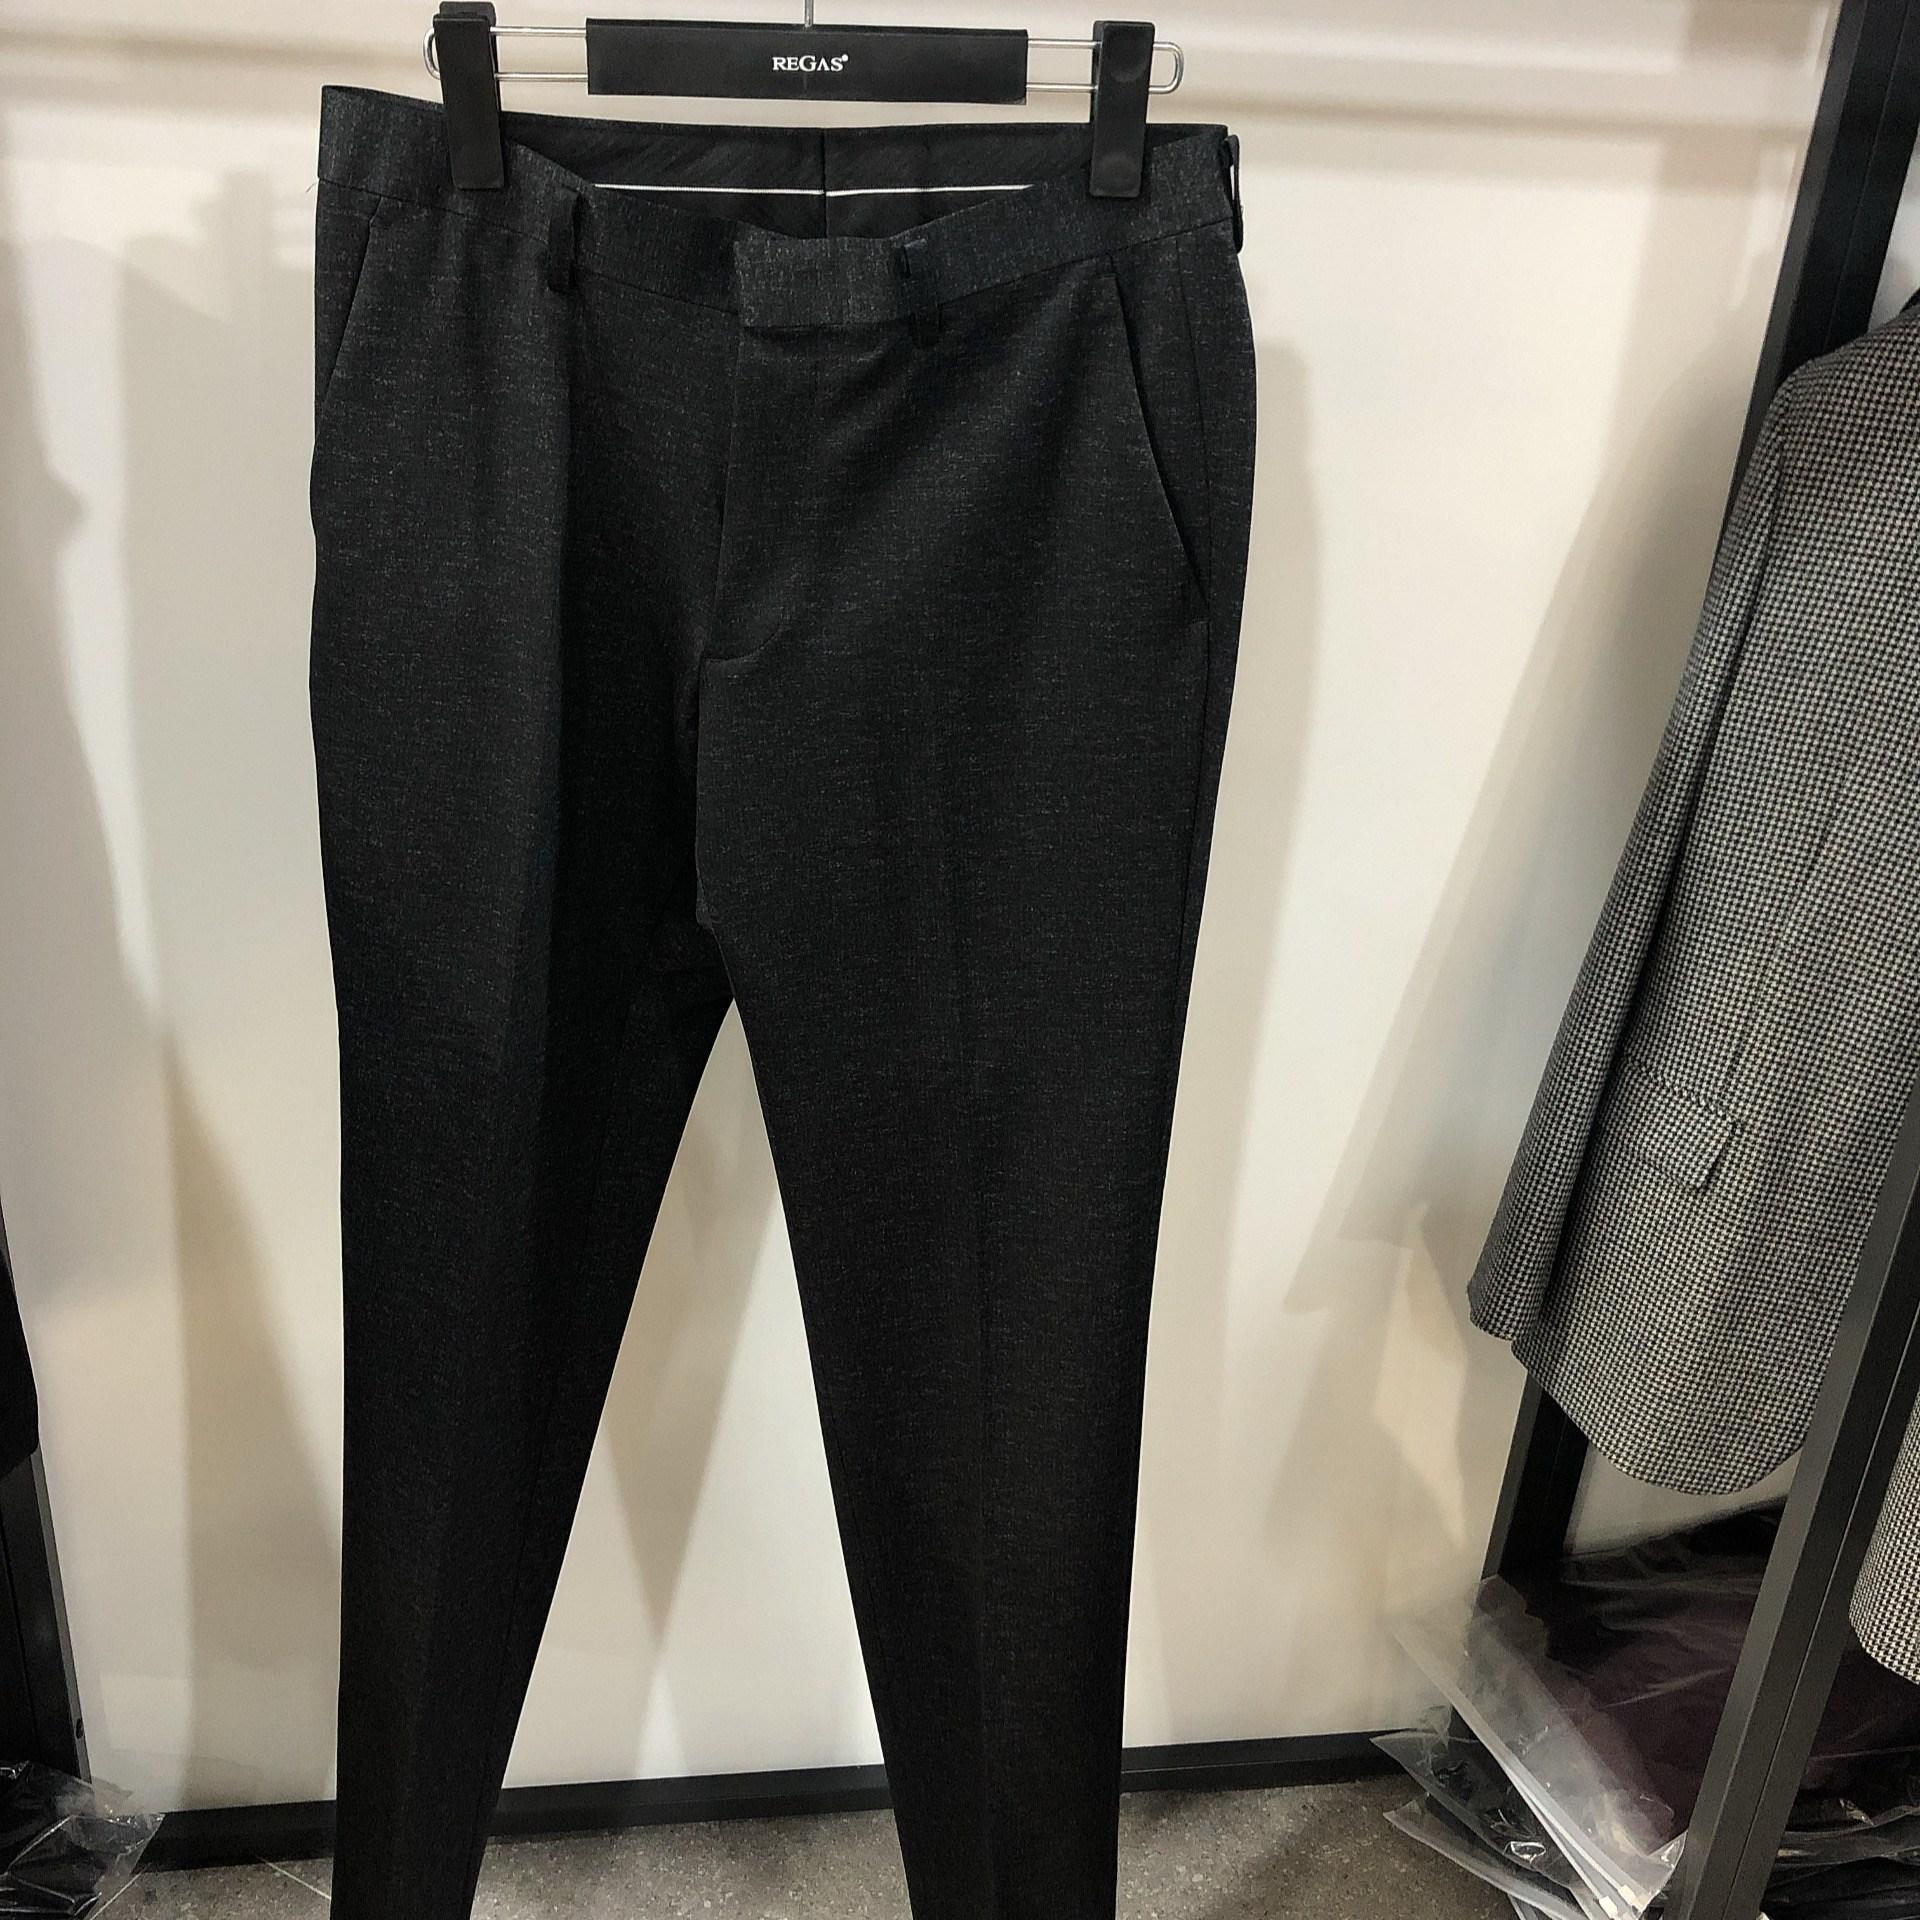 [행복한백화점][보스렌자]남성 기본라인 겨울용 정장팬츠 슬랙스 그레이멜란지 REFSL8567